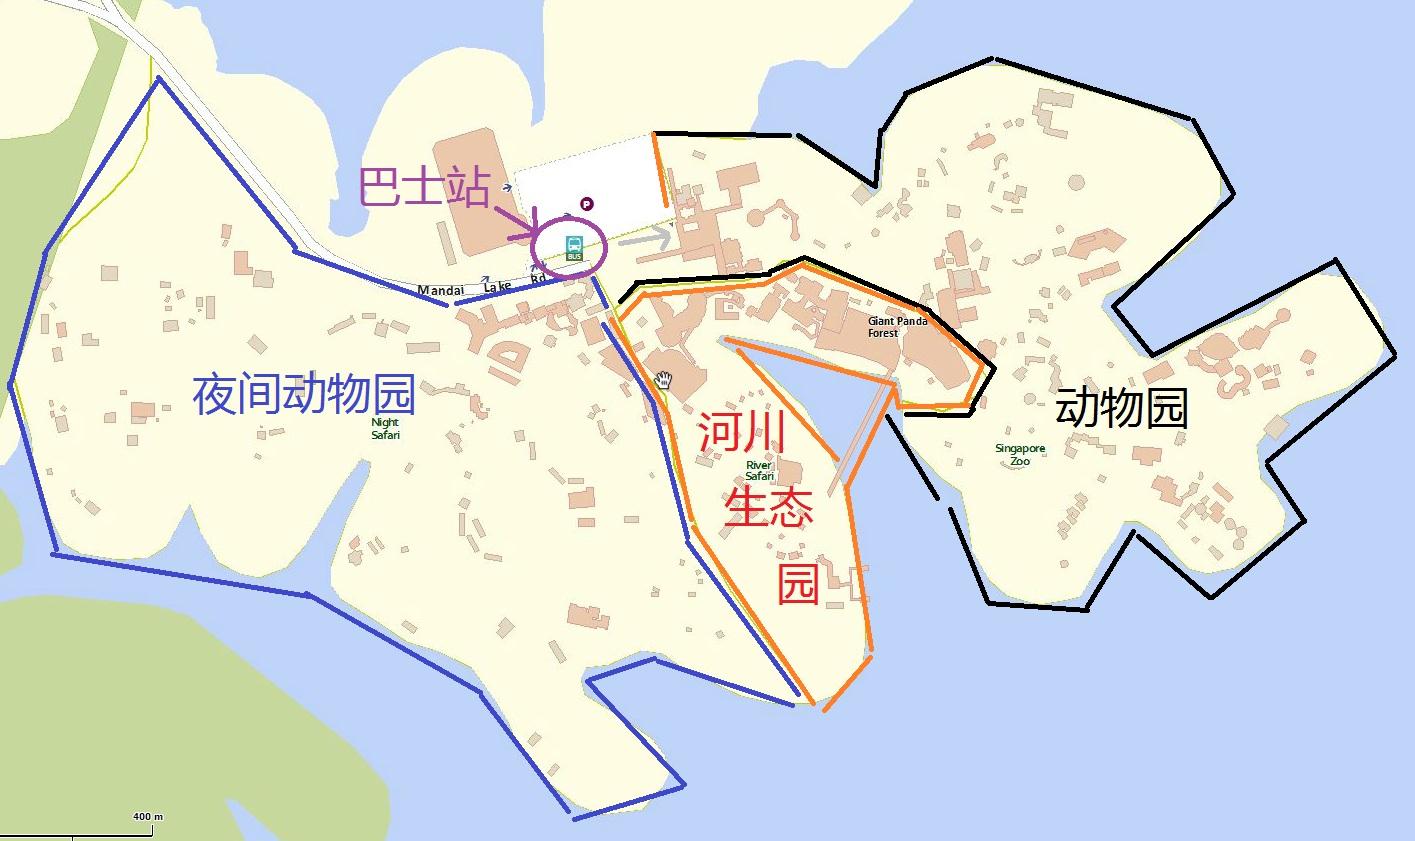 新加坡日间动物园位置